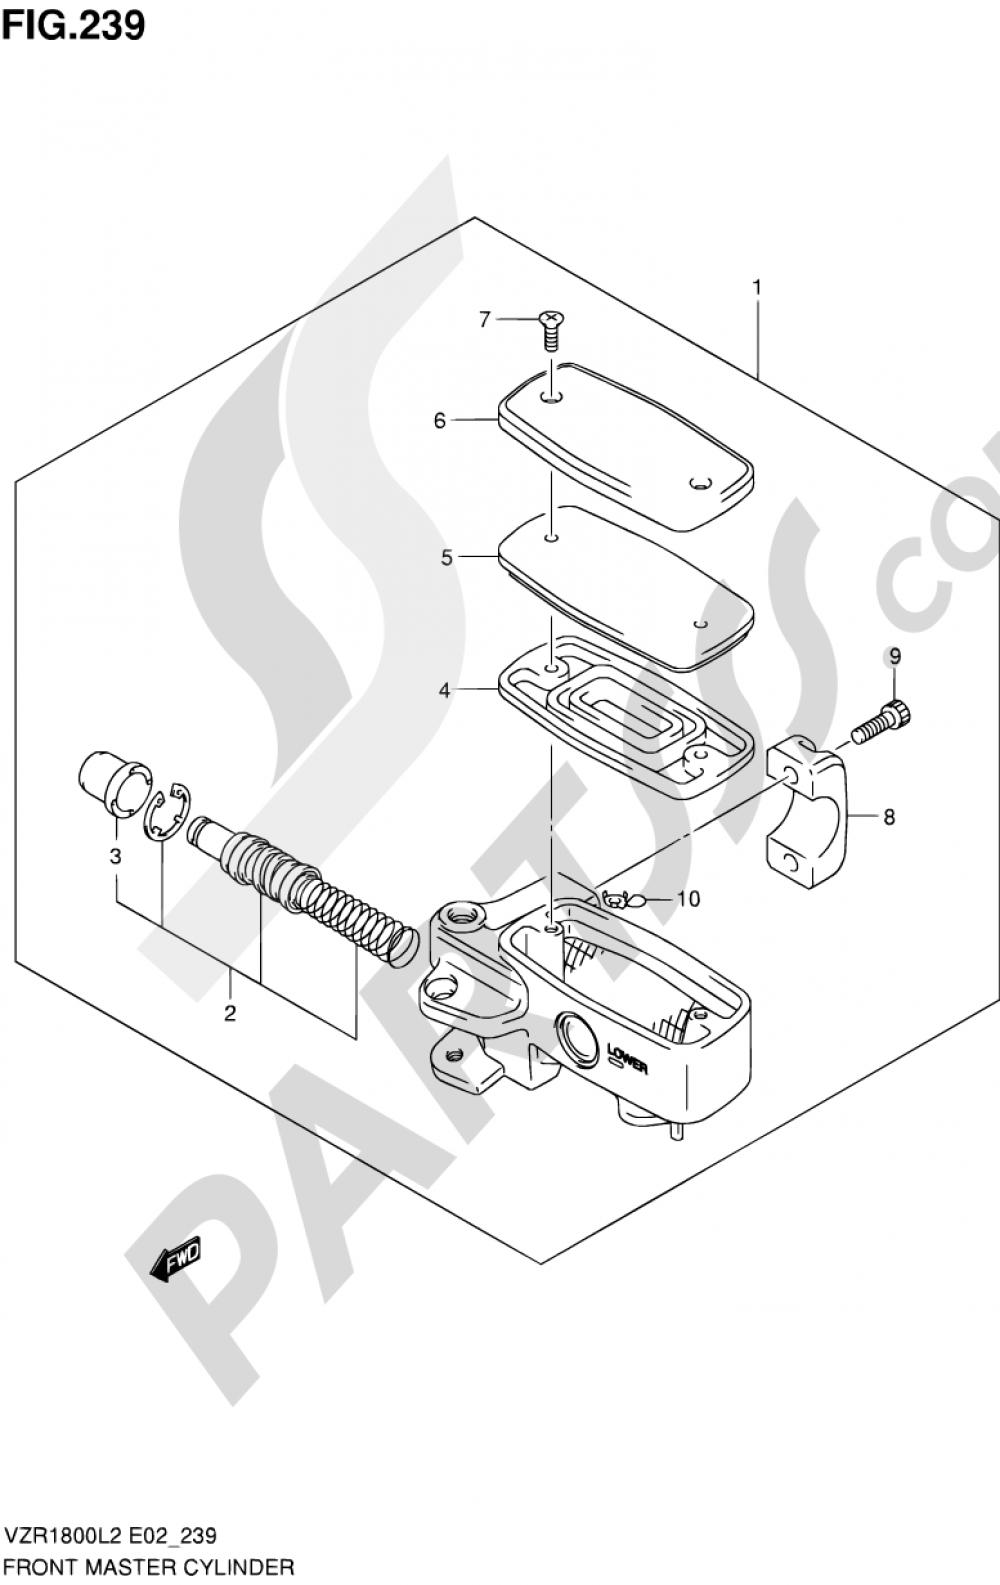 239 - FRONT MASTER CYLINDER (VZR1800ZL2 E02) Suzuki VZR1800 2012